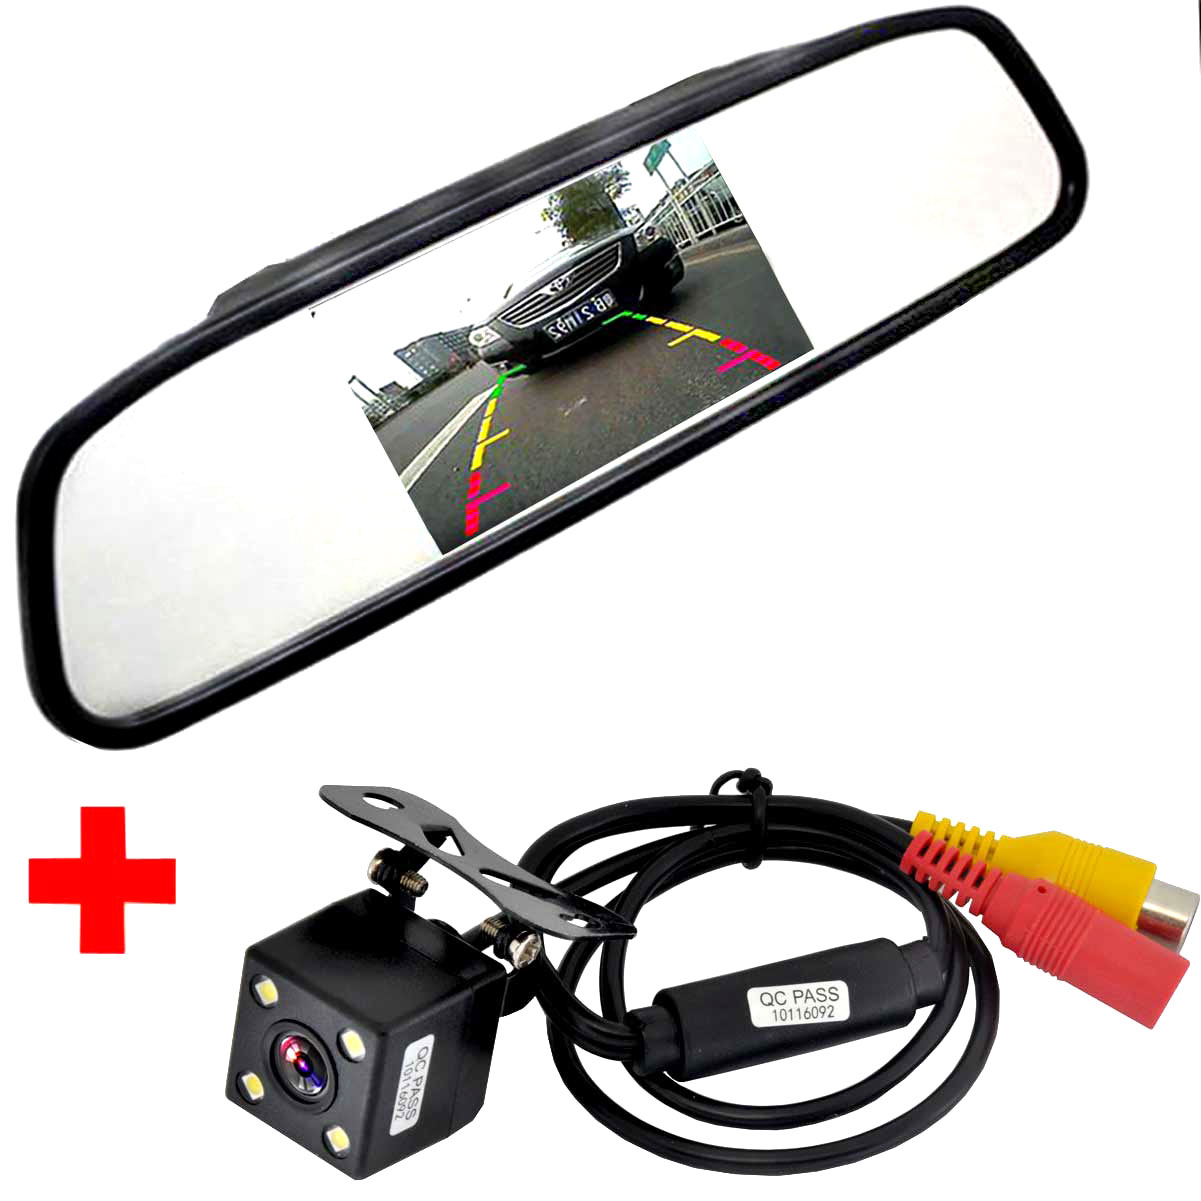 Prix pour Voiture HD Vidéo Auto Parking Moniteur, LED de Vision Nocturne de Recul CCD Vue Arrière de Voiture Caméra Avec 4.3 pouce De Voiture Rétroviseur Moniteur